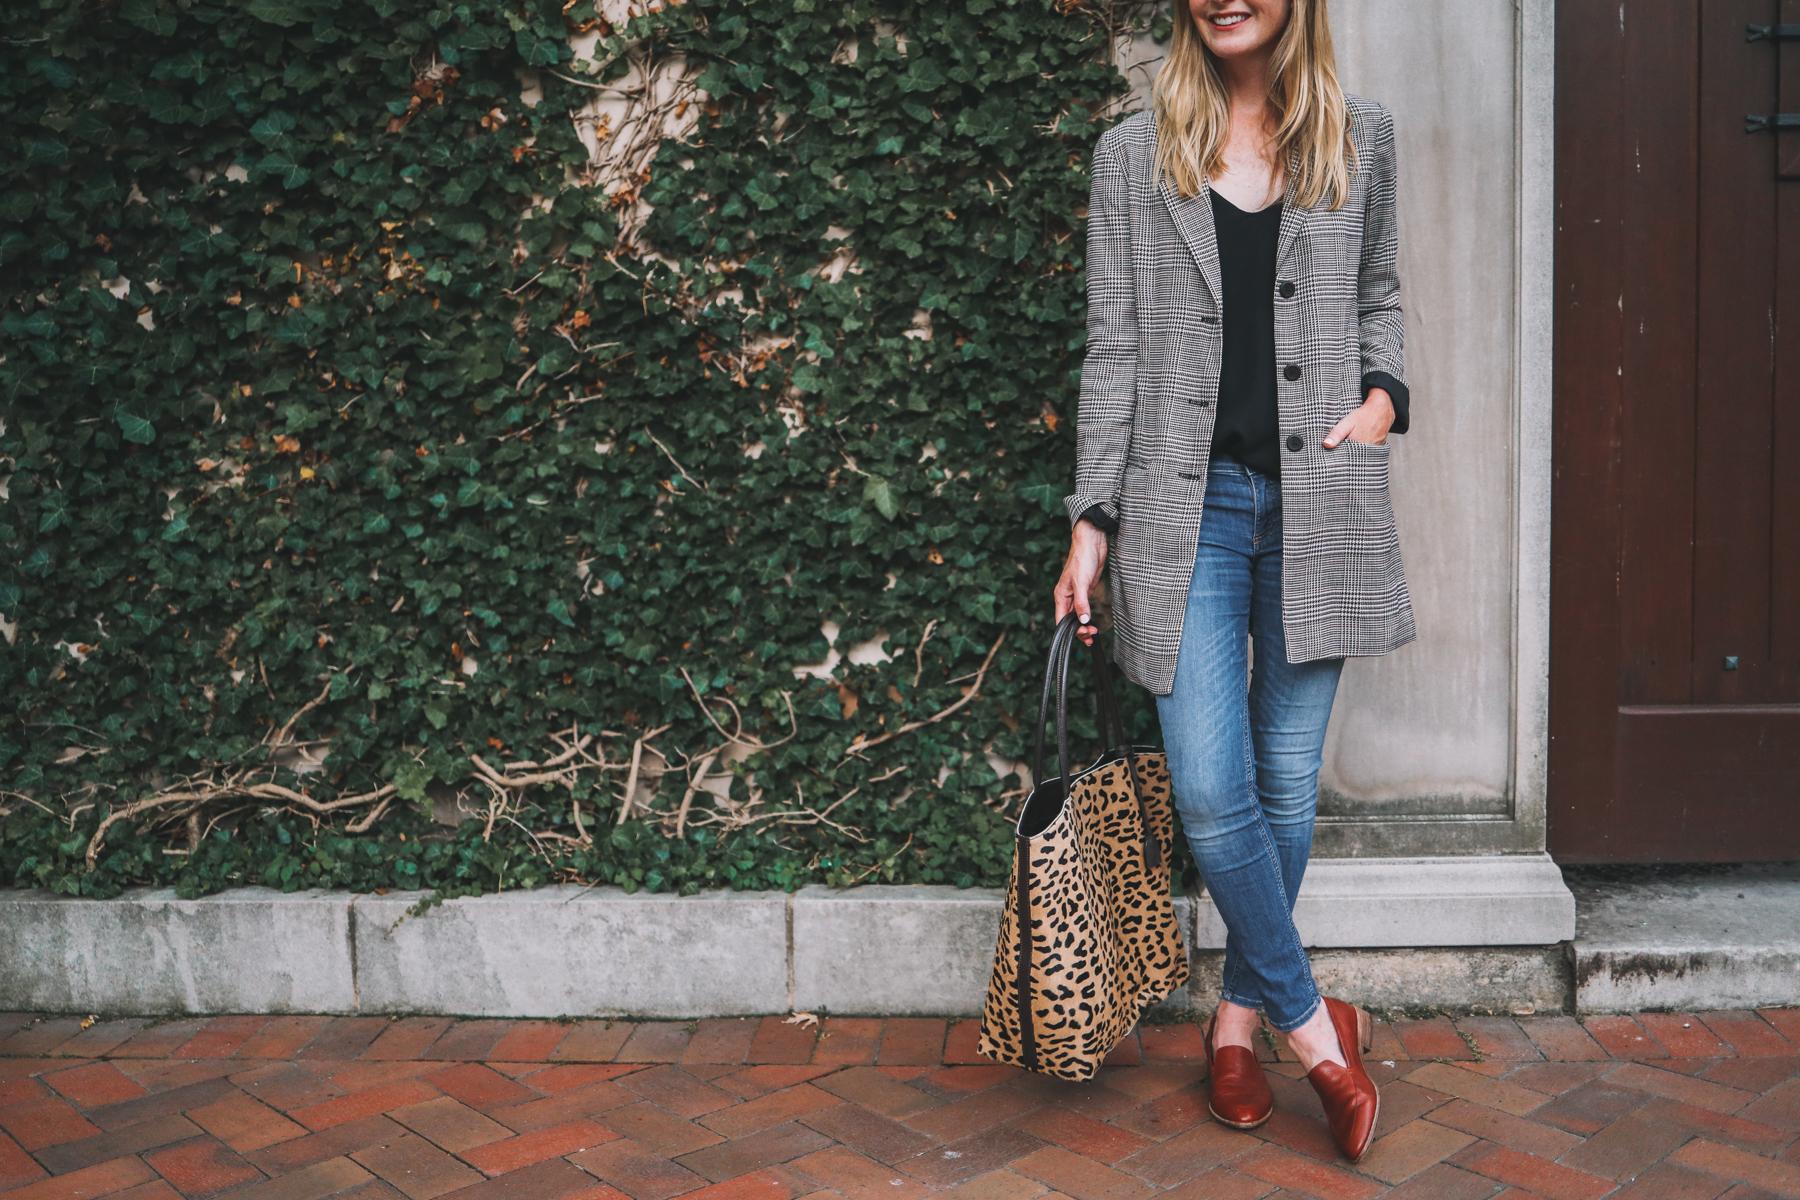 Kelly models for Larkin family fall travel